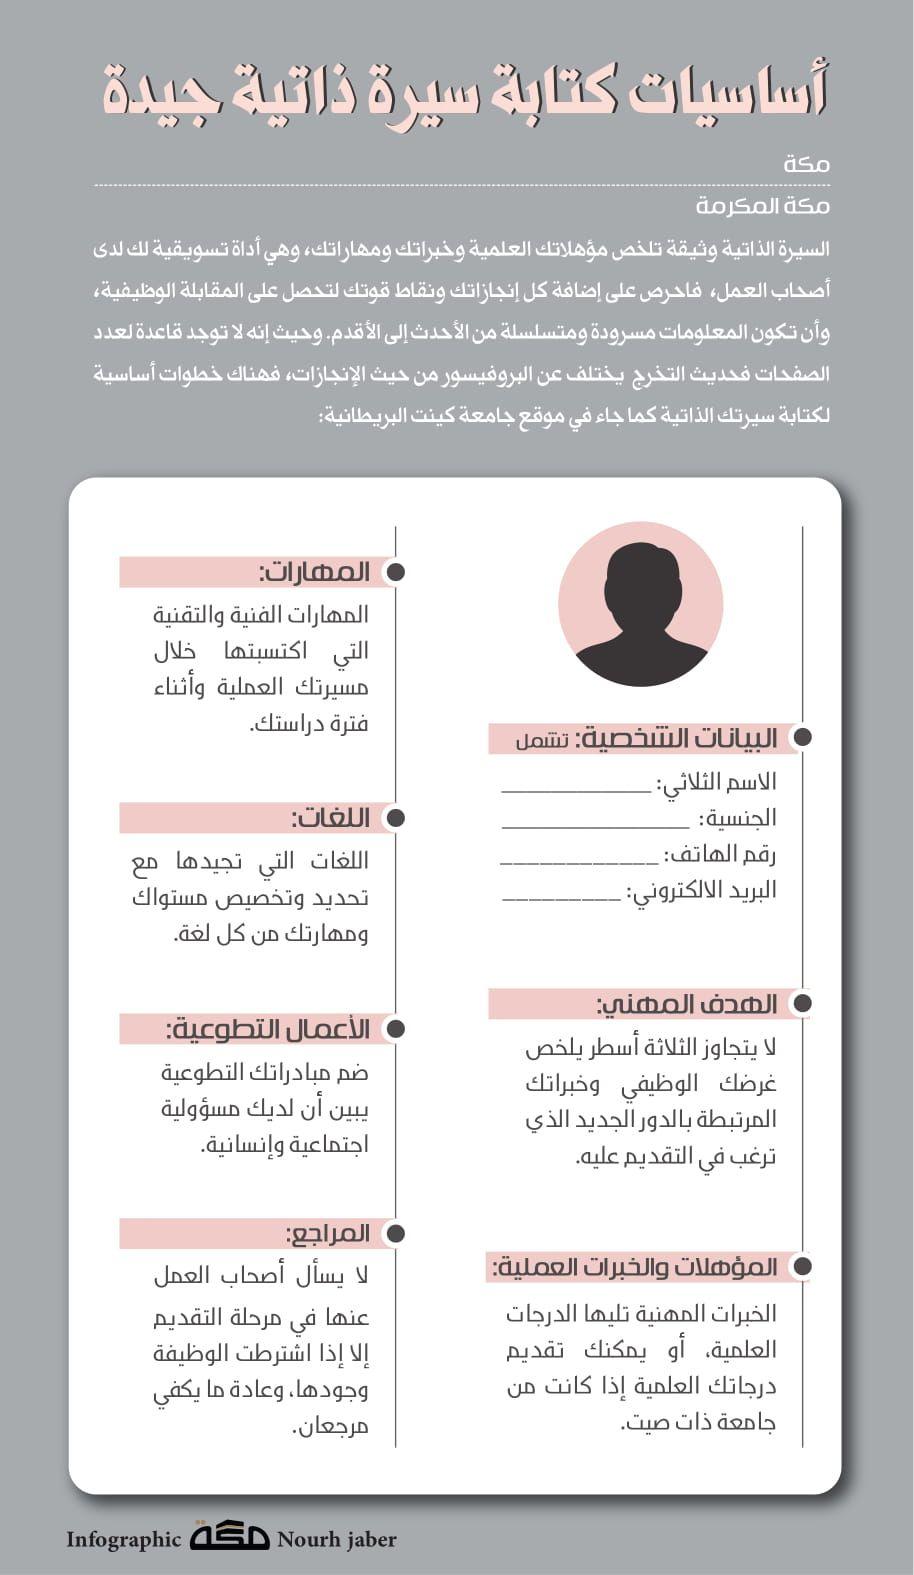 أساسيات كتابة سيرة ذاتية جيدة Infographic